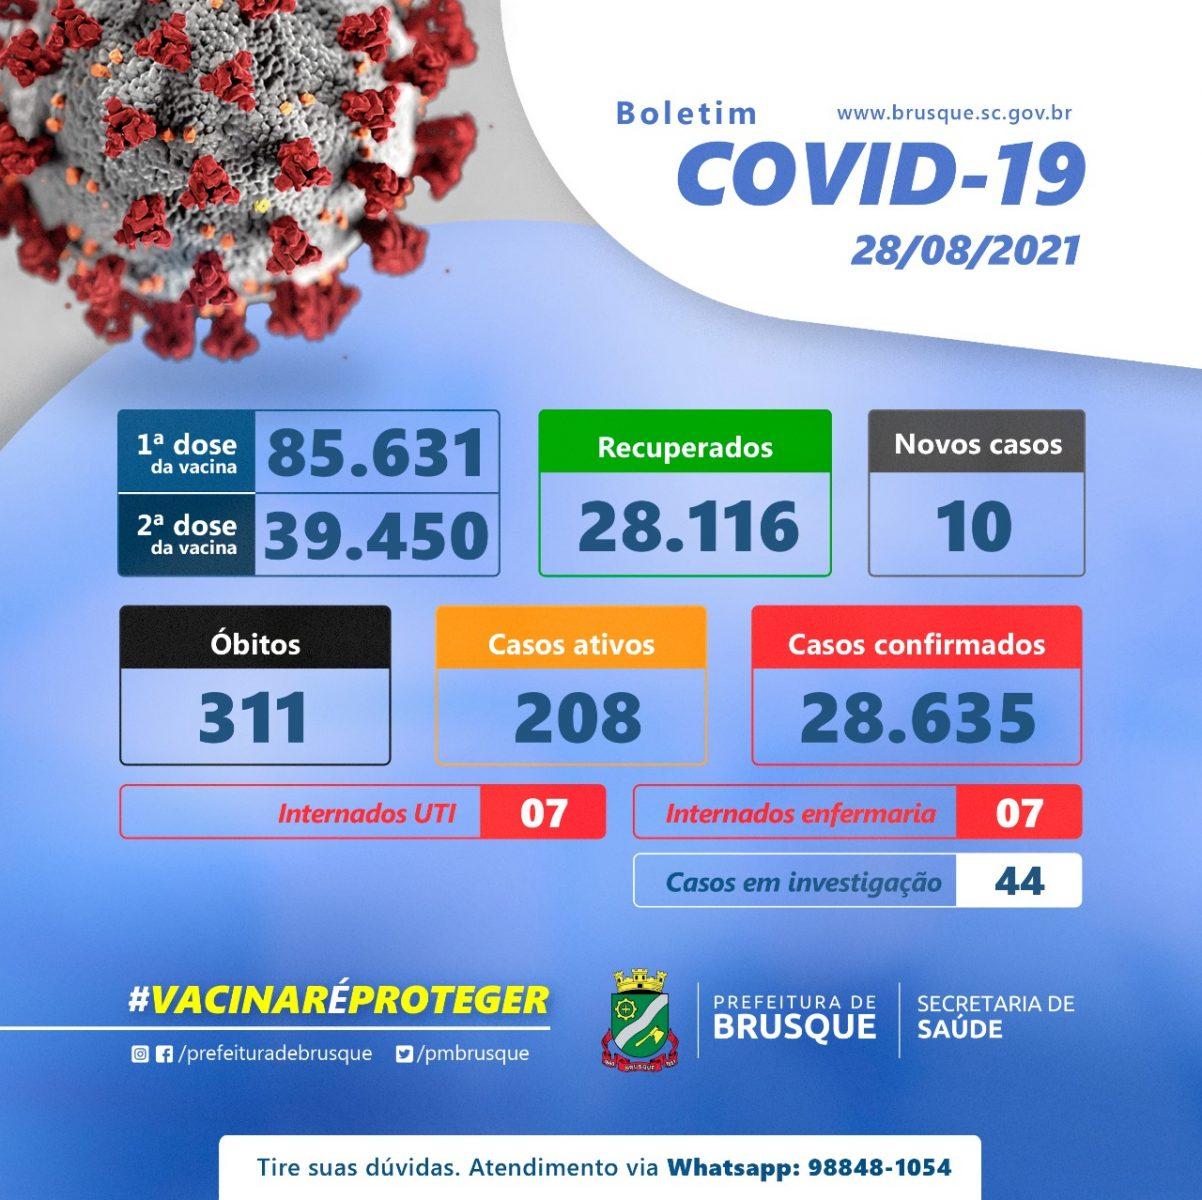 Covid-19: Confira o boletim epidemiológico deste sábado (28)